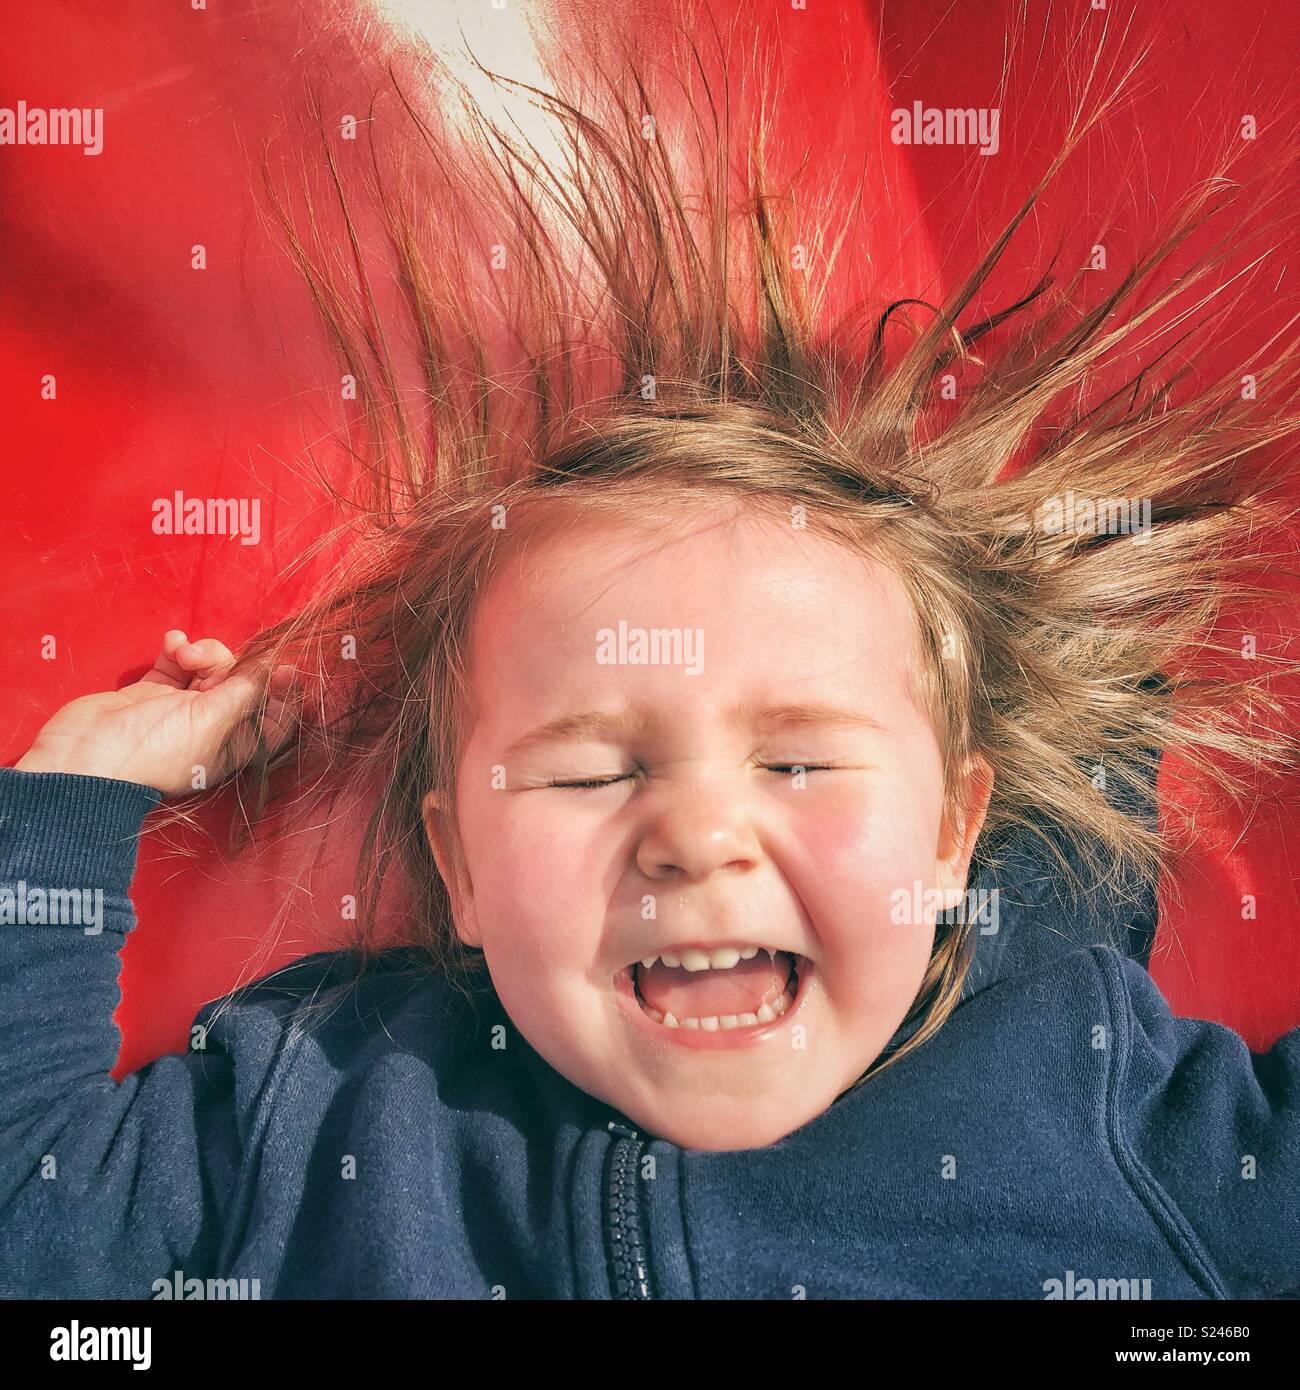 Portrait von Happy toddler girl Gesicht, während sie rutscht eine rote Folie mit geschlossenen Augen, den Mund offen und Haar kleben von statischer Elektrizität Stockbild